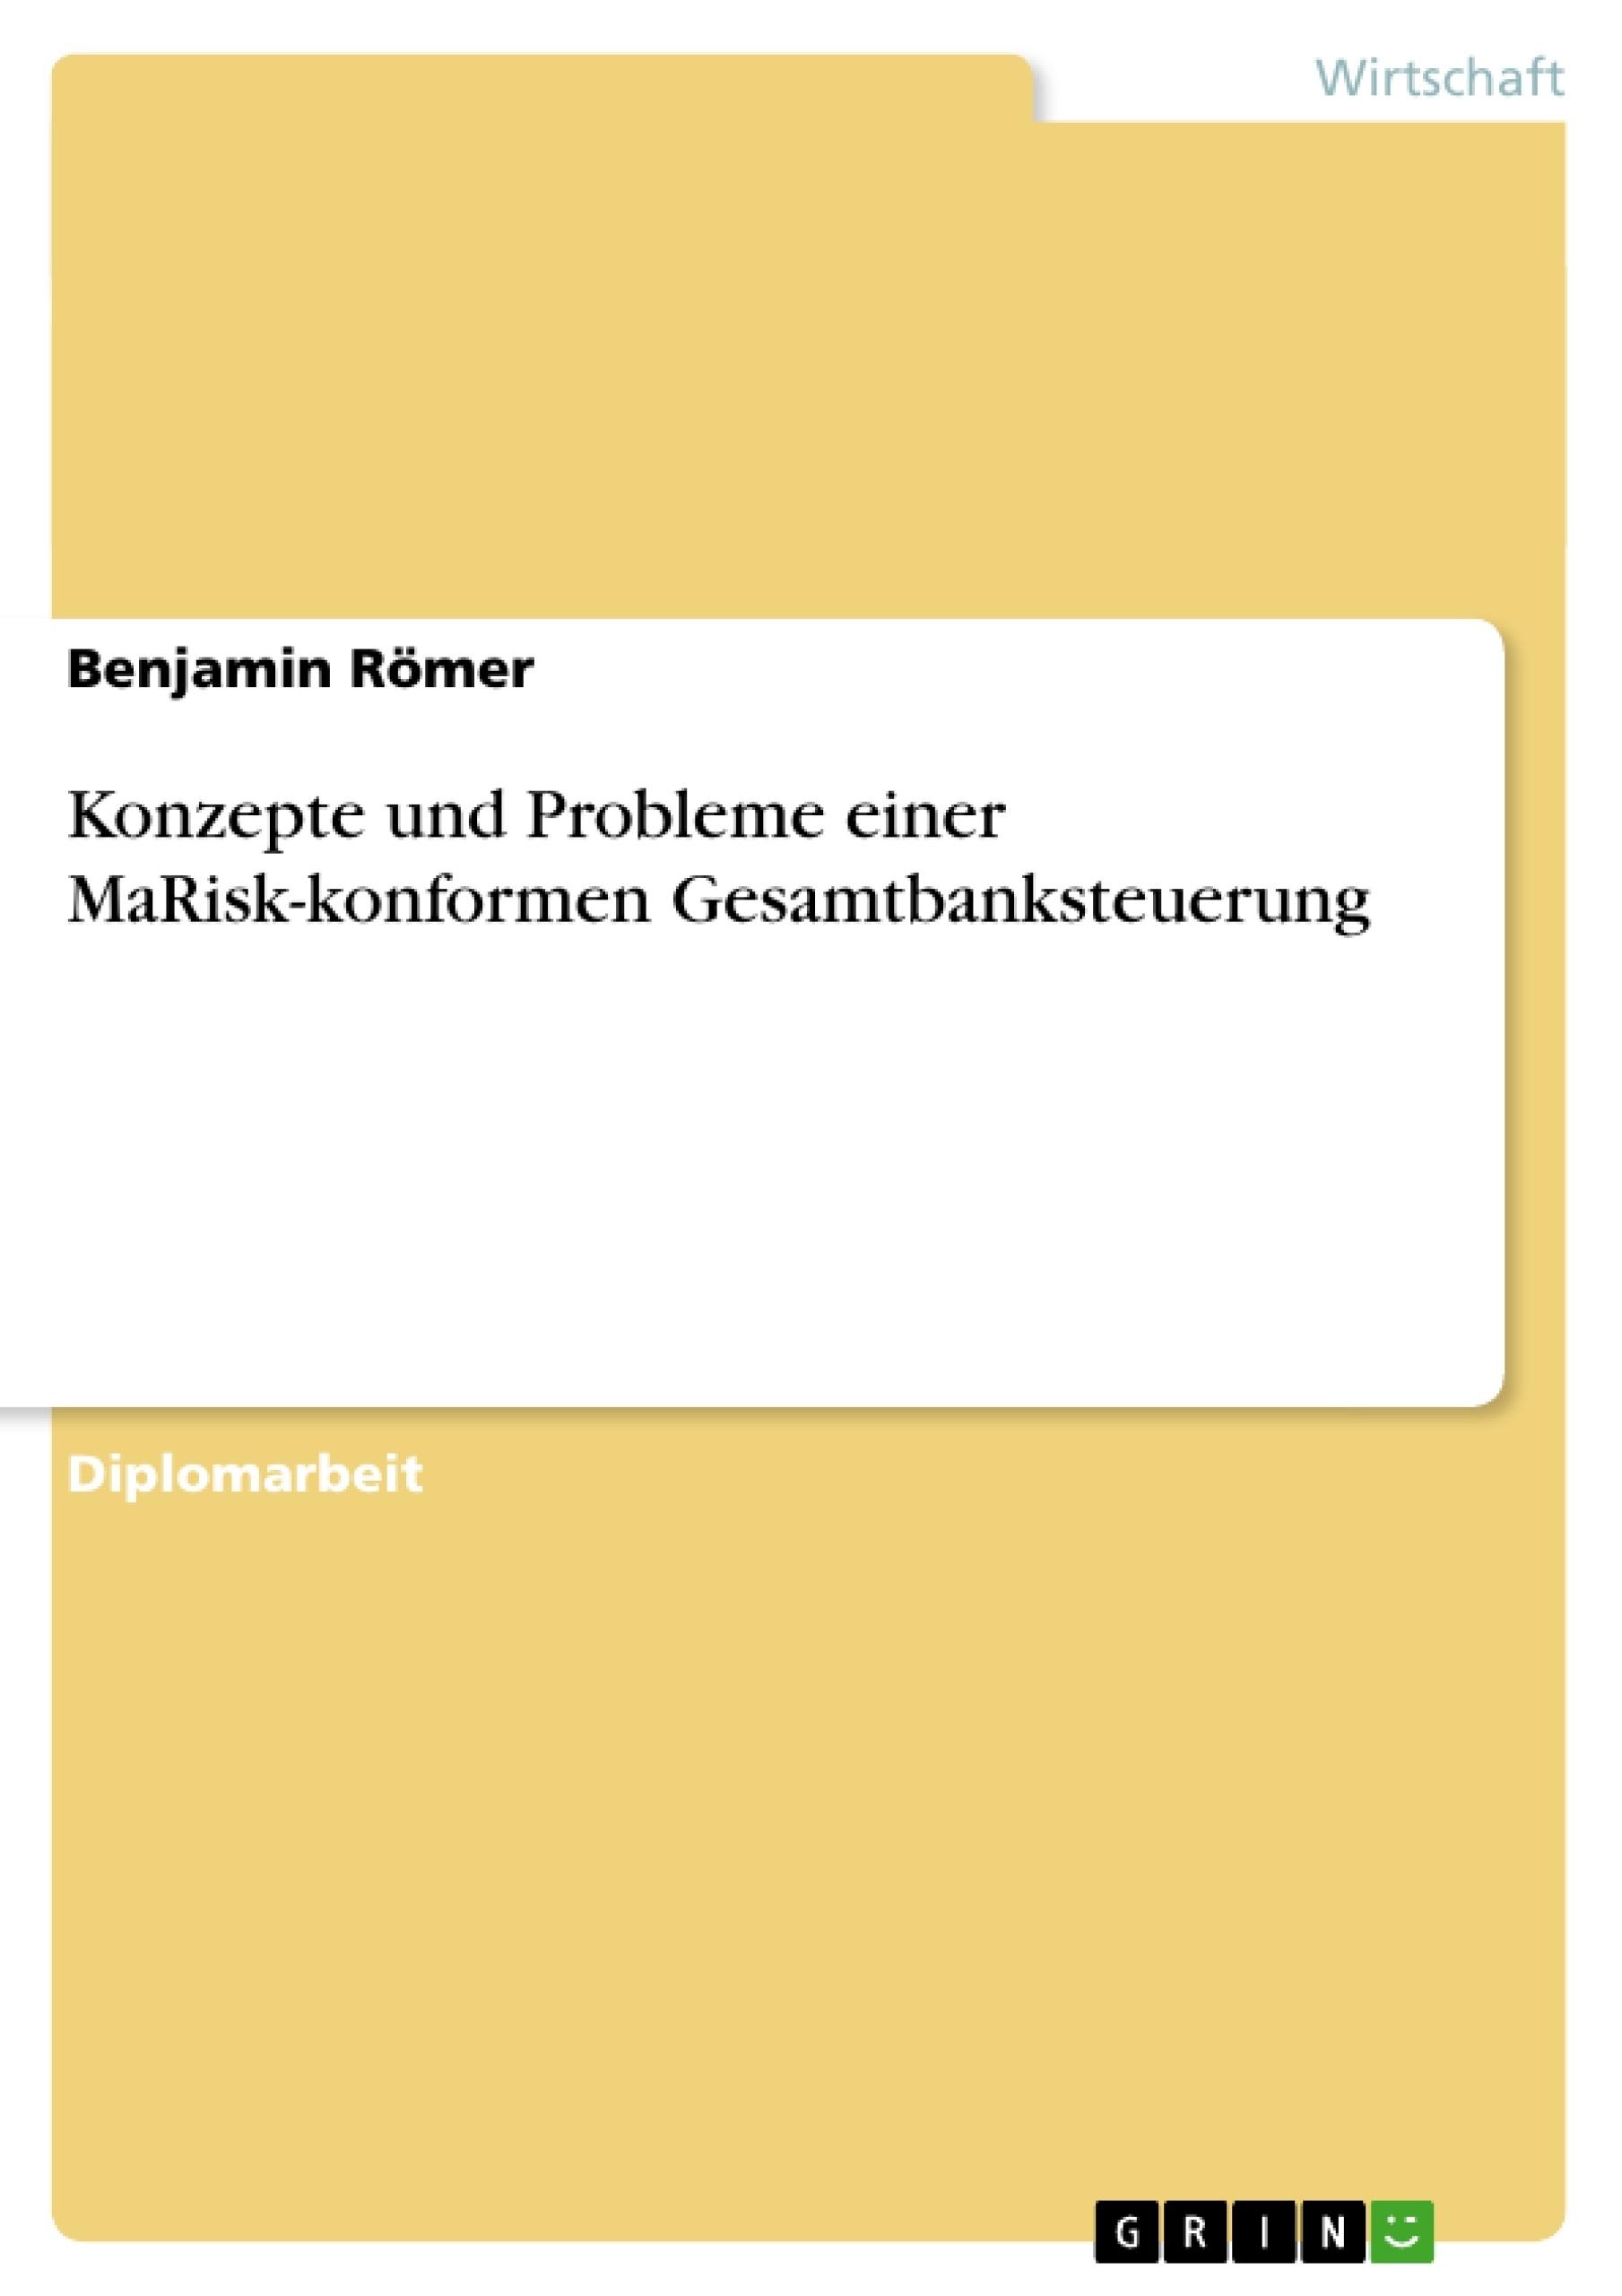 Titel: Konzepte und Probleme einer MaRisk-konformen Gesamtbanksteuerung